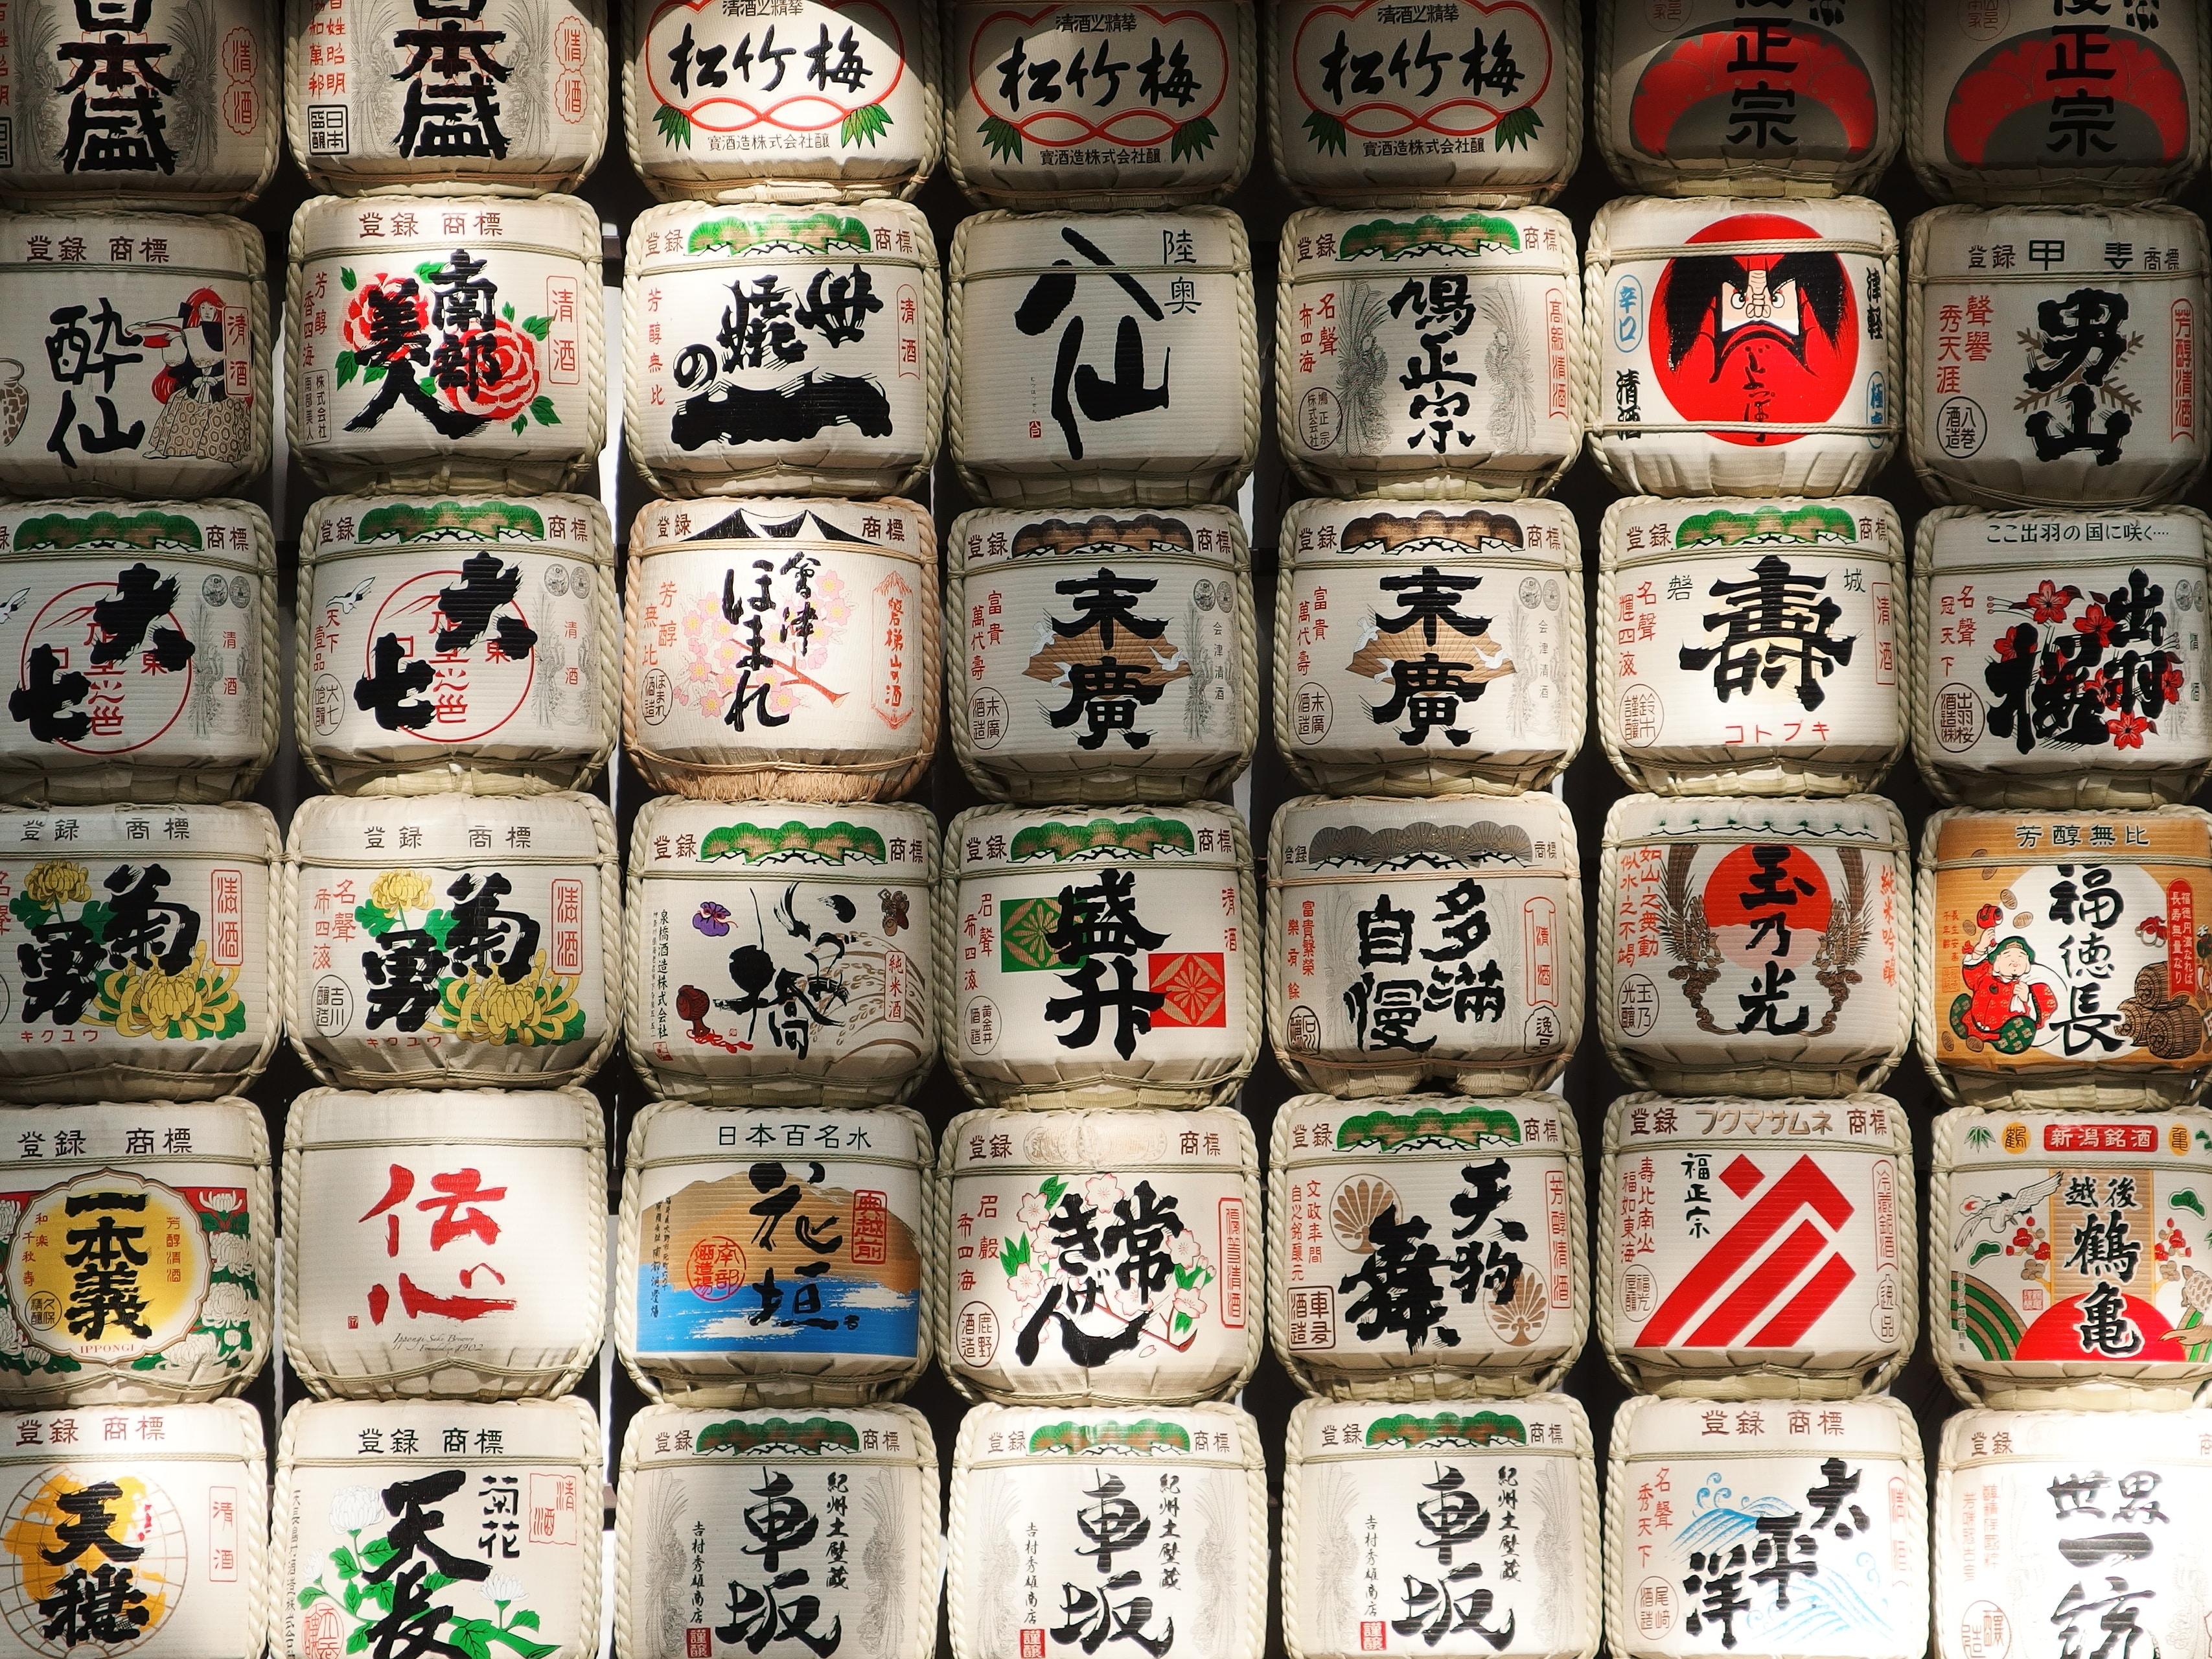 assorted kanji script box lot